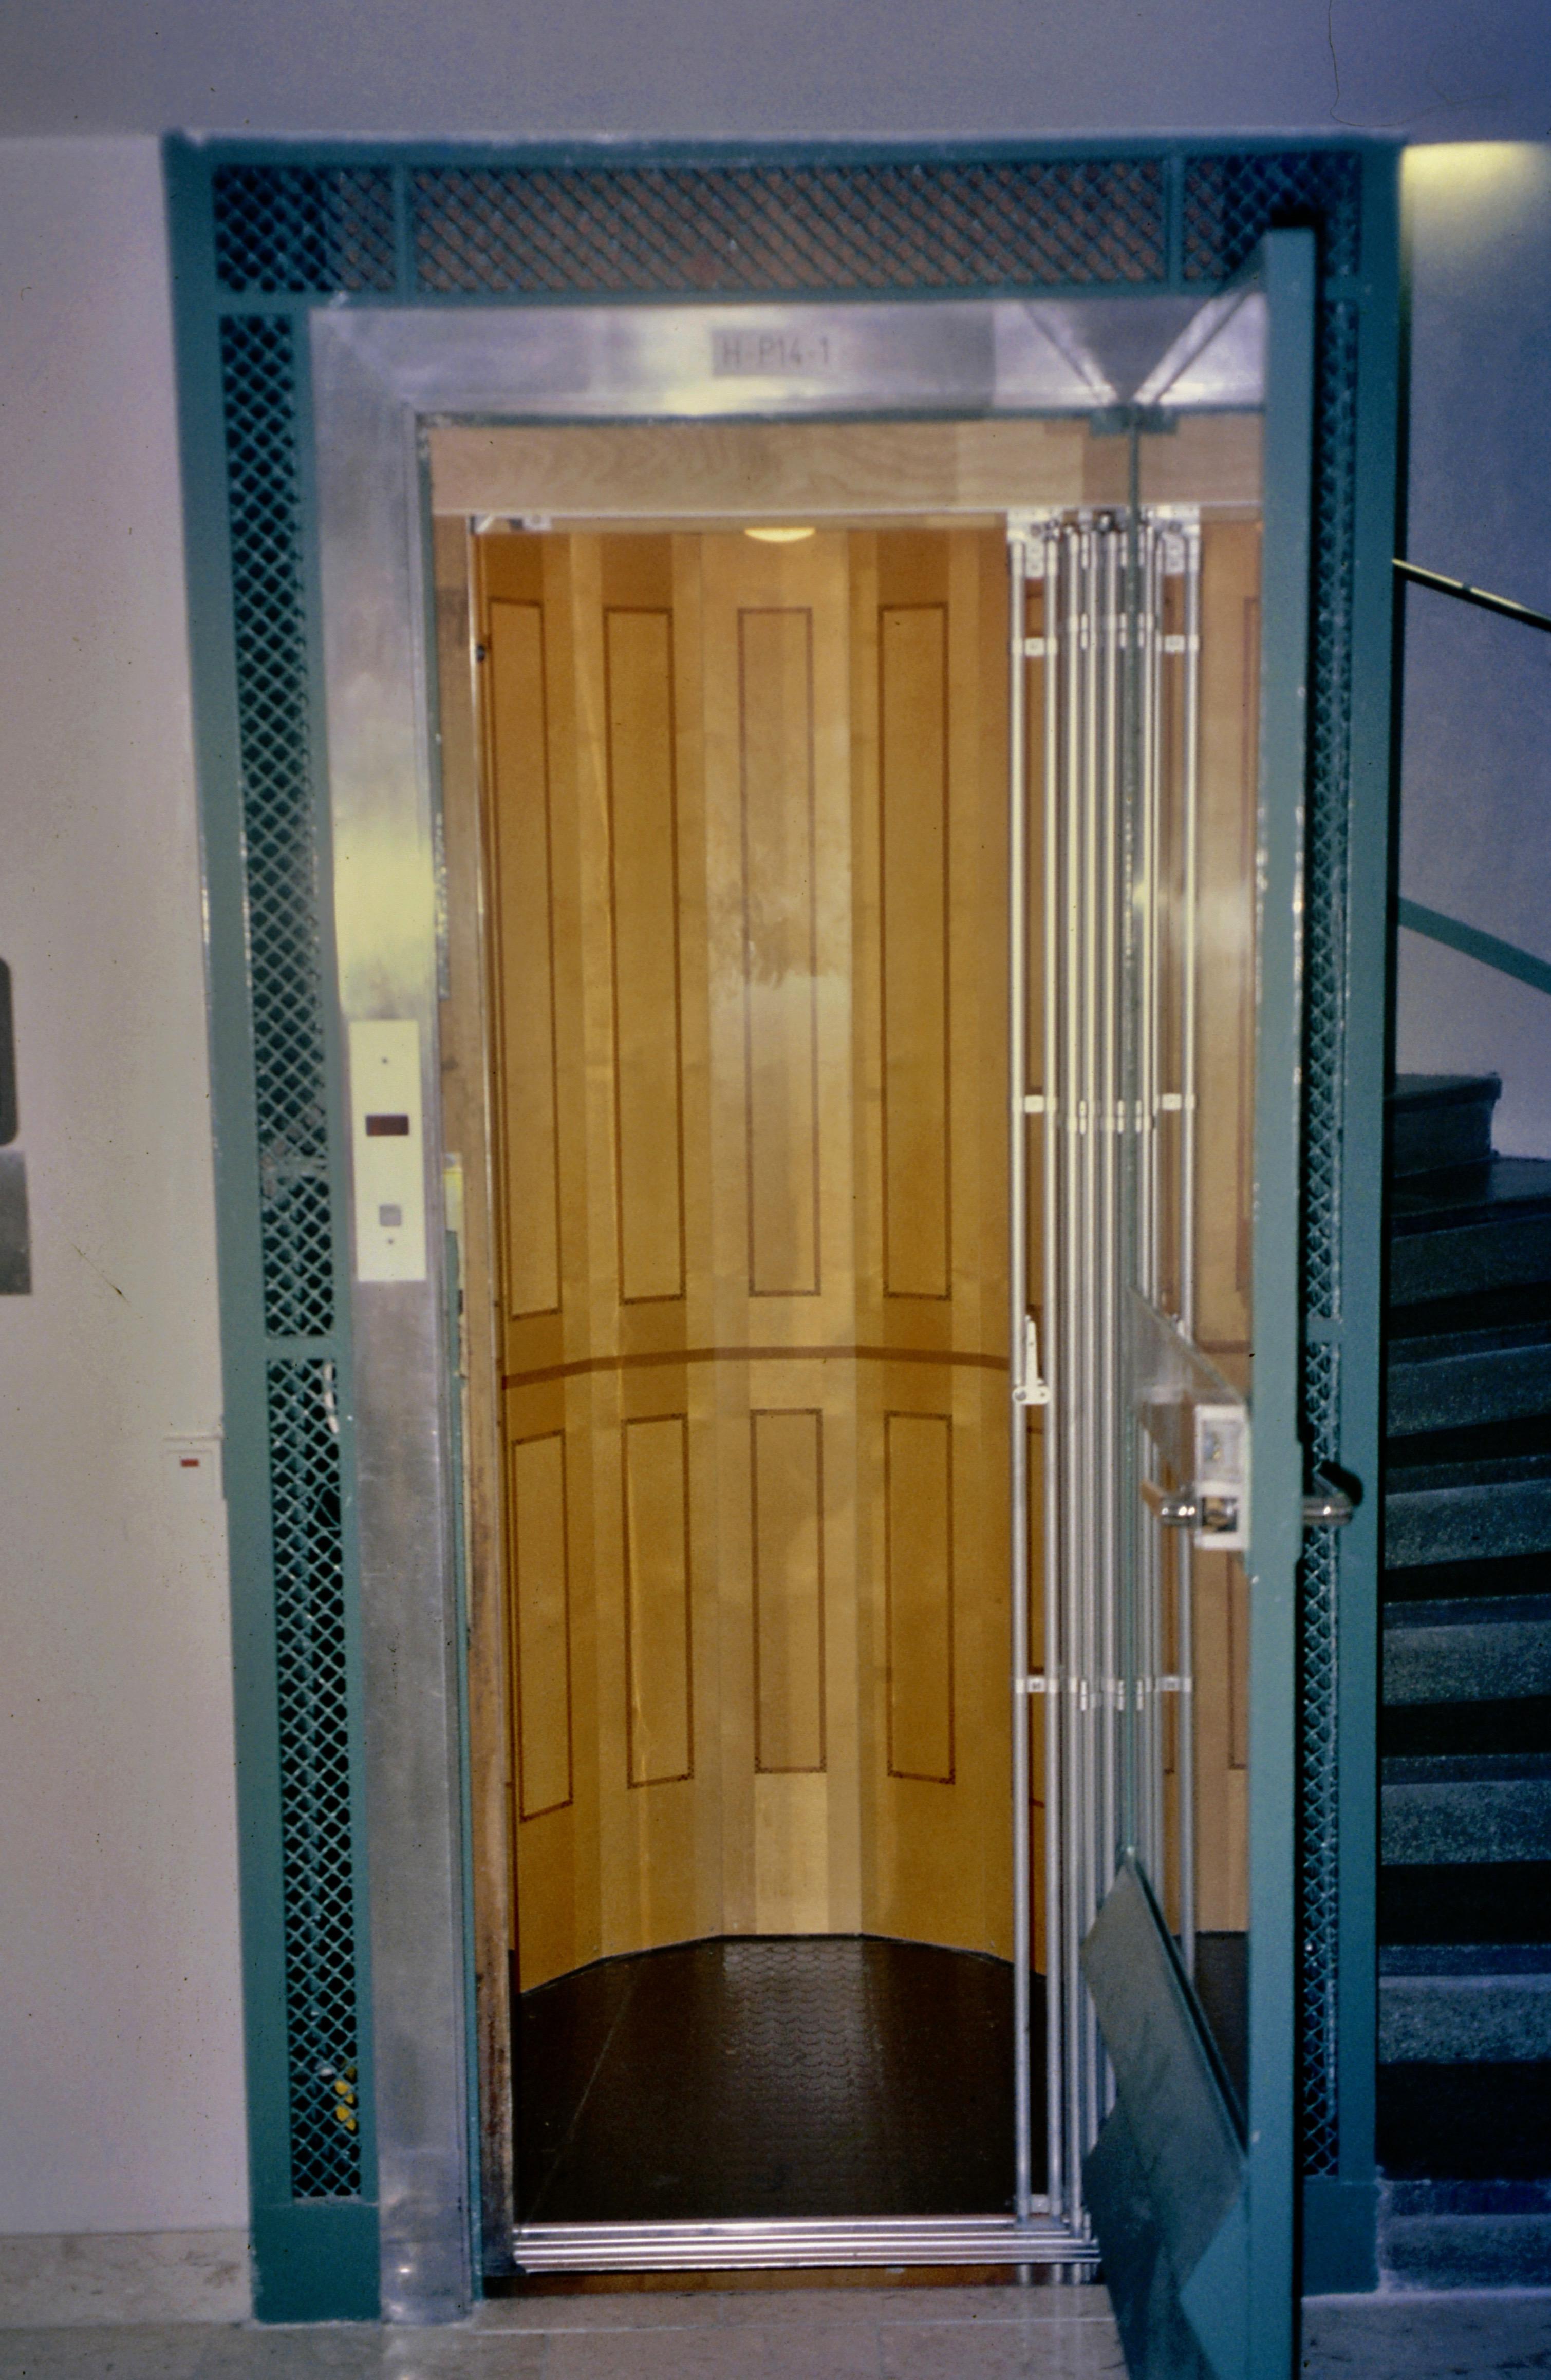 1991 Hissinredning med fanerläggning